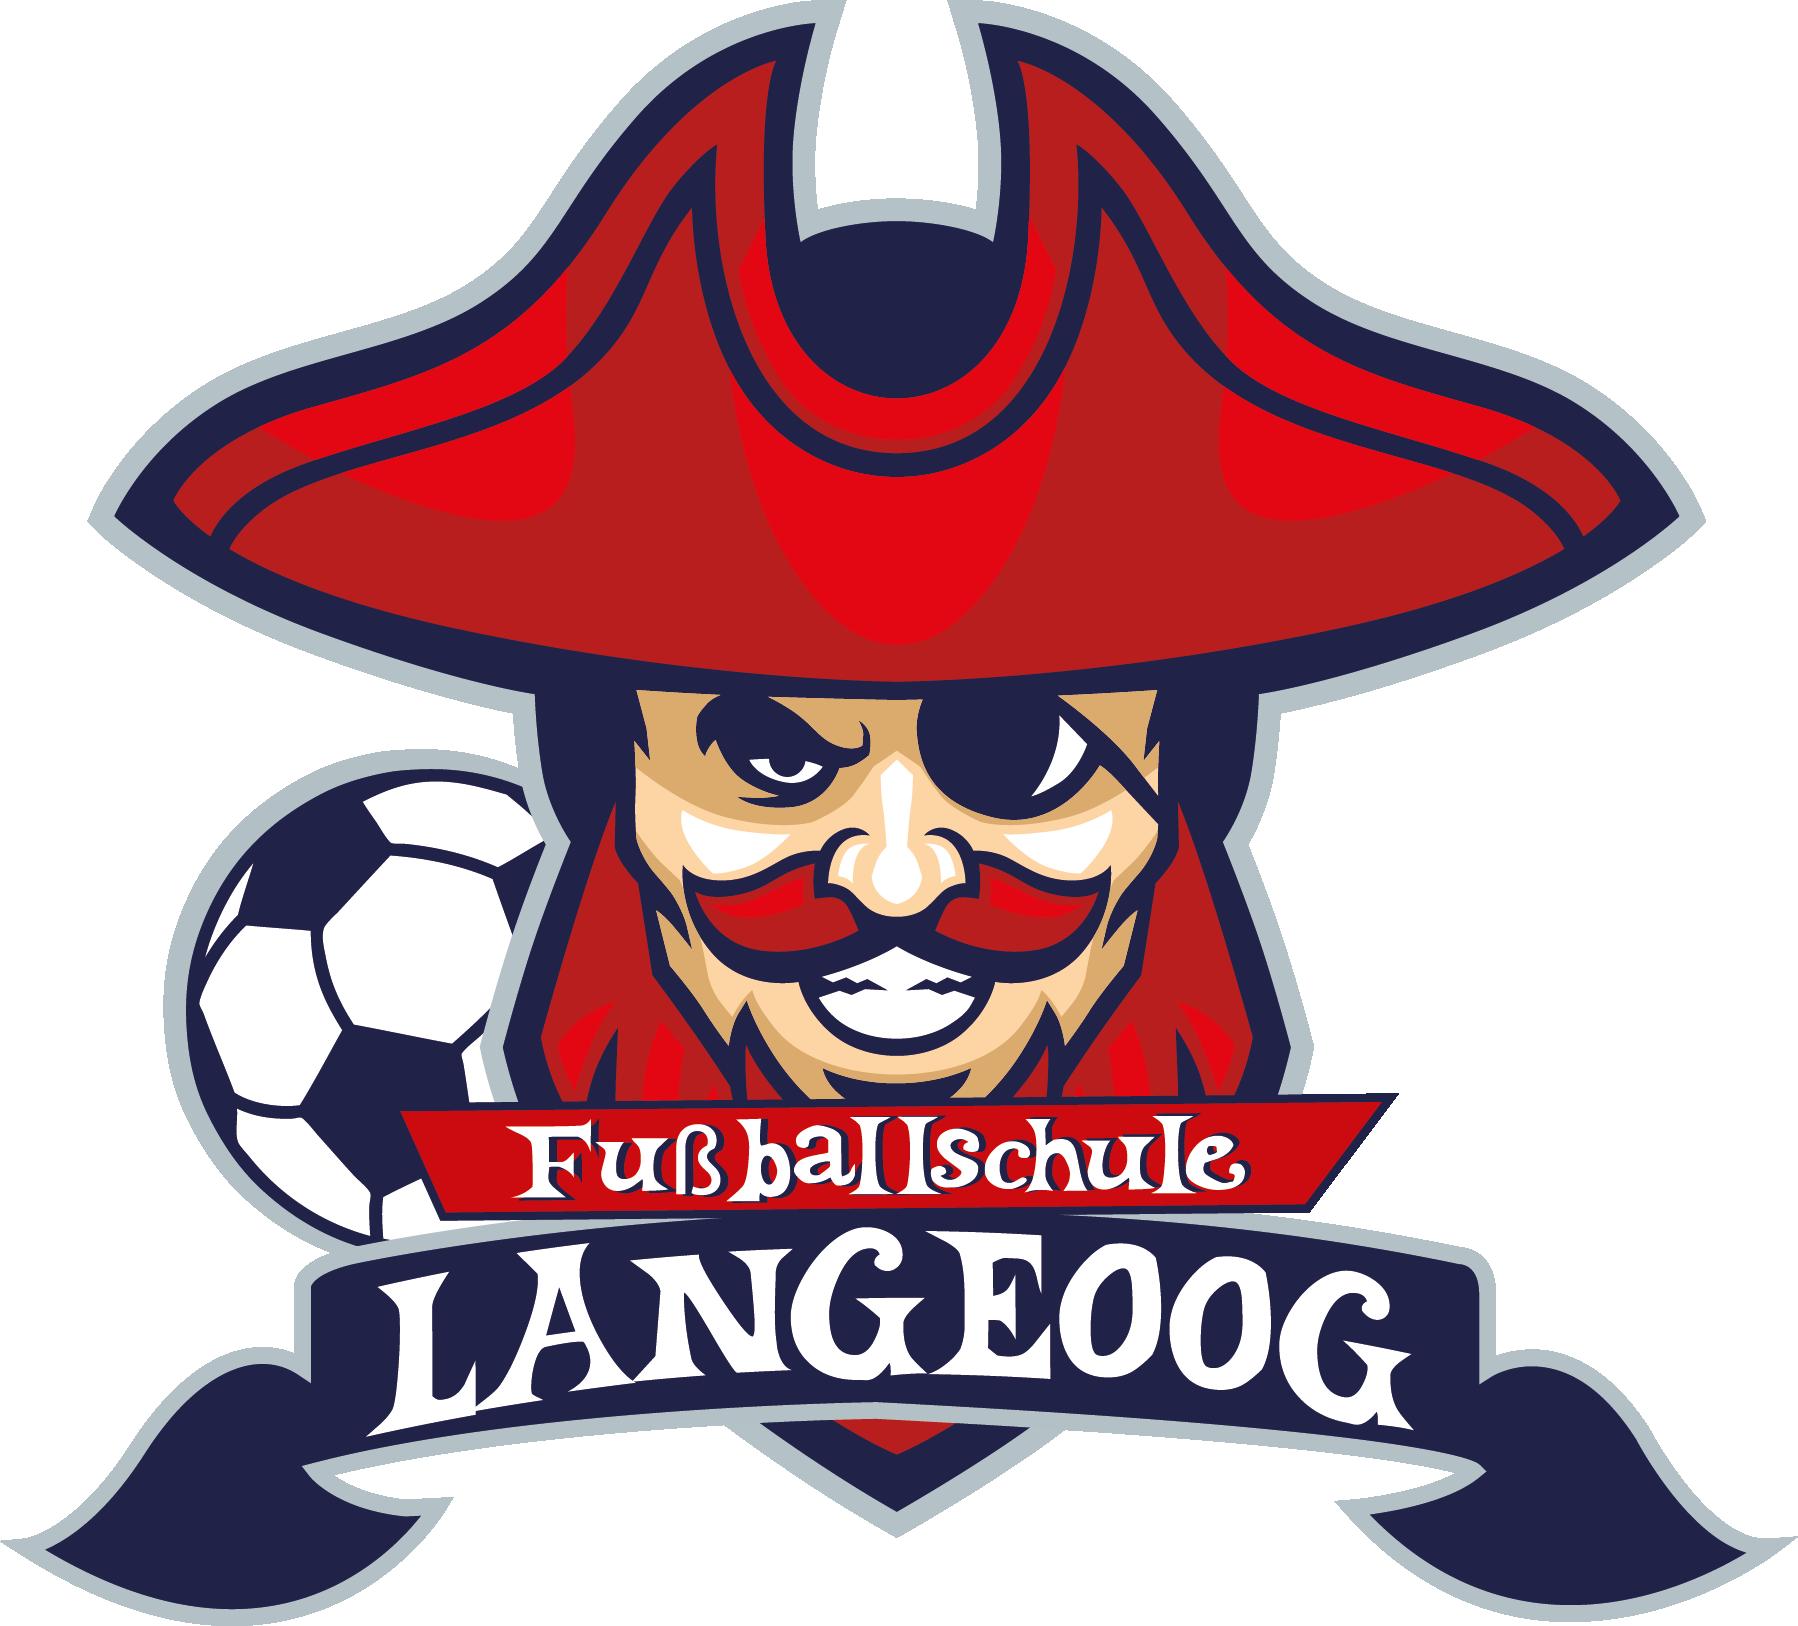 Fußballschule Langeoog